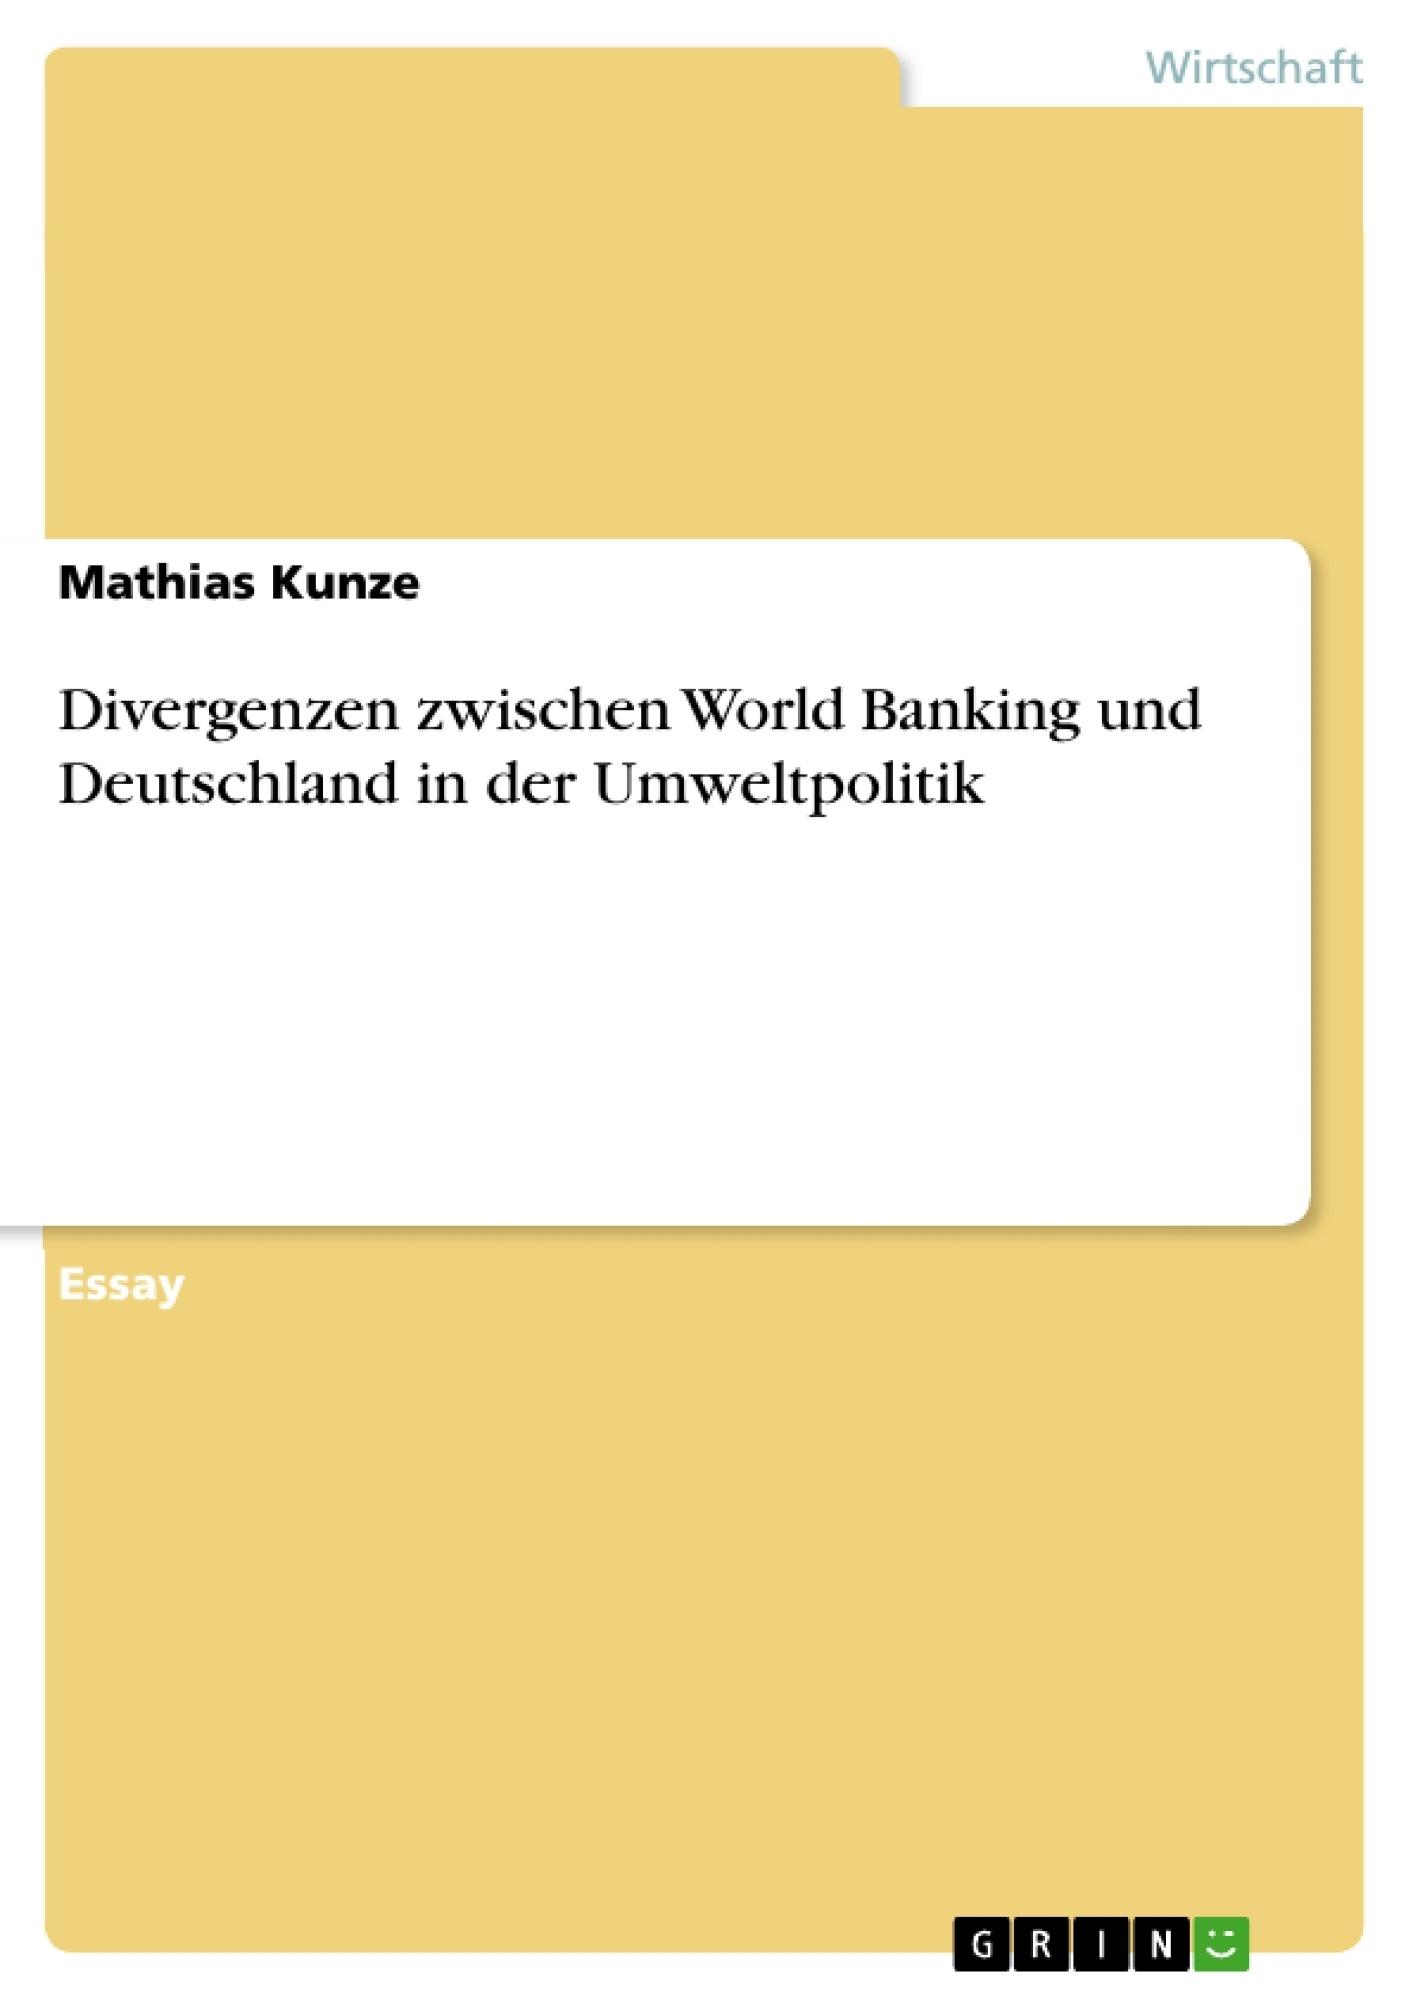 Titel: Divergenzen zwischen World Banking und Deutschland in der Umweltpolitik